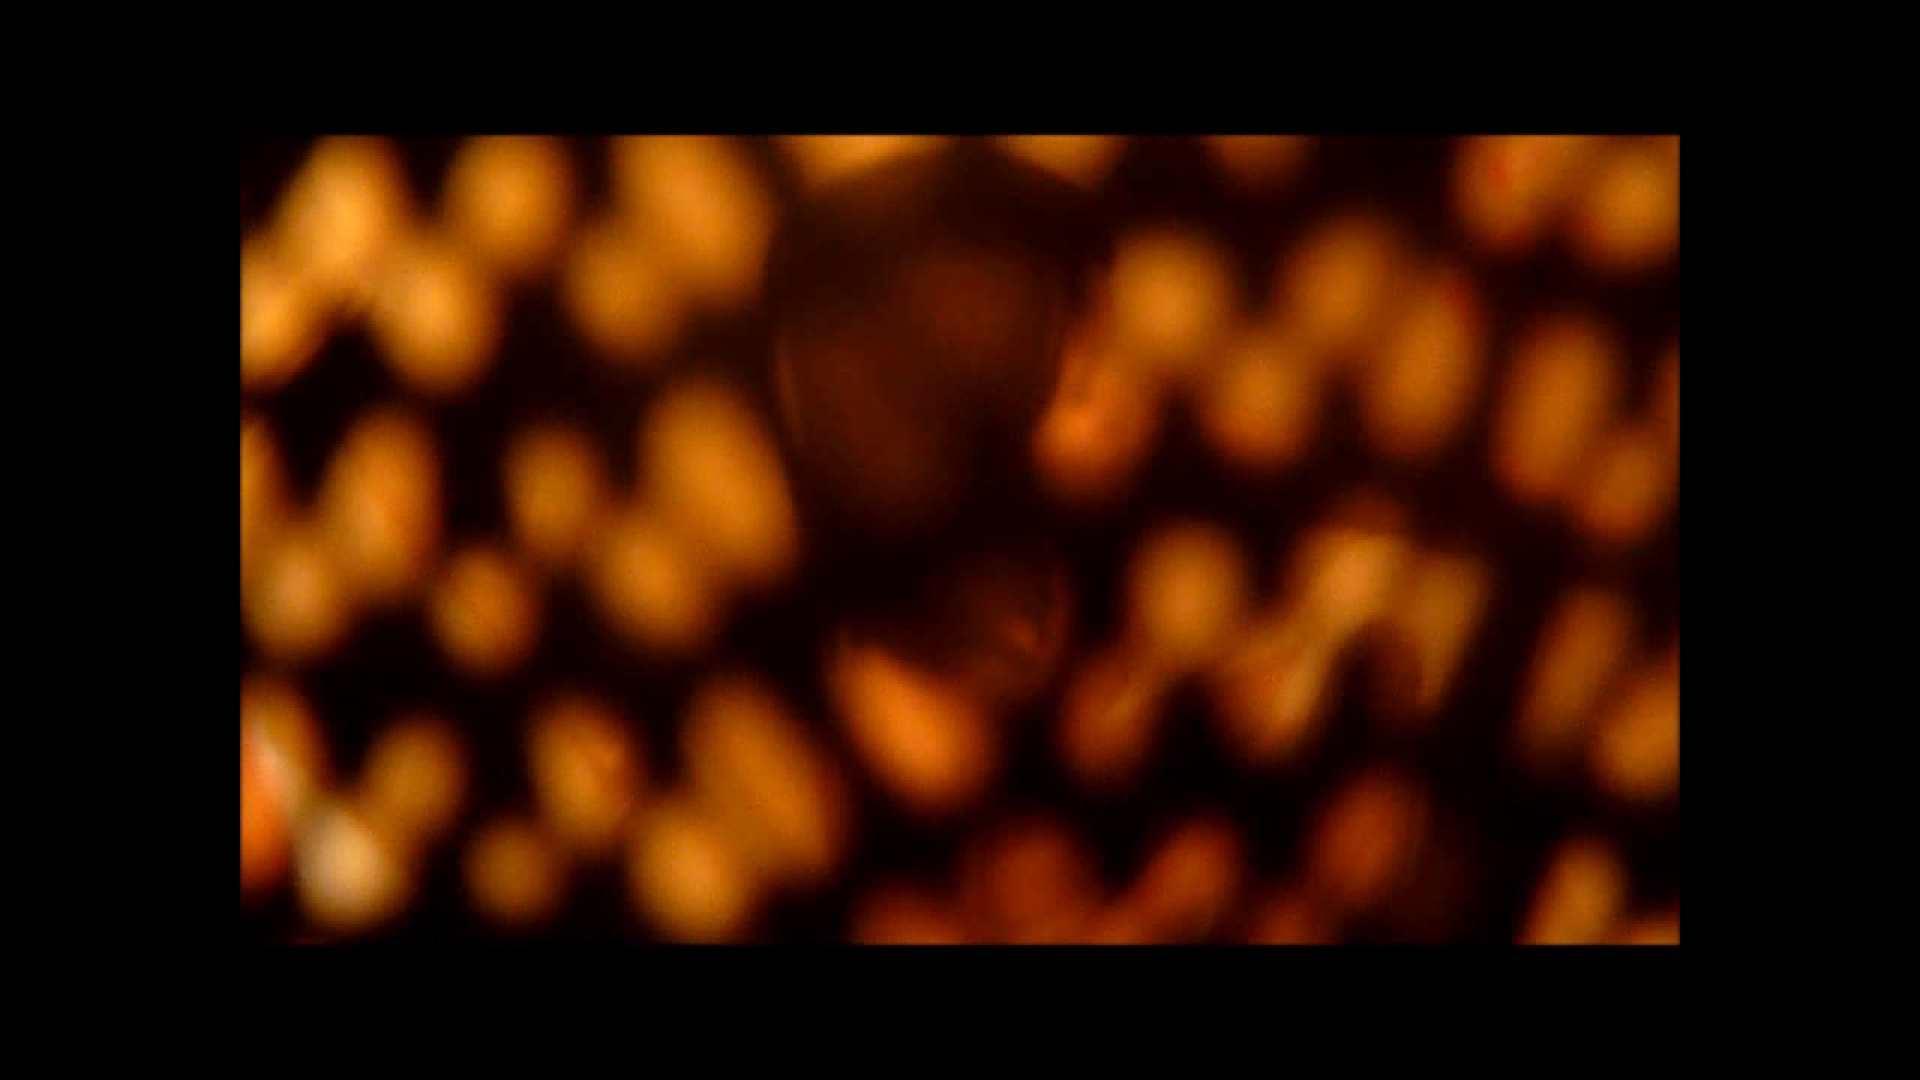 【02】ベランダに侵入して張り込みを始めて・・・やっと結果が出ました。 マンコ特集 | オマンコ丸見え  25連発 17